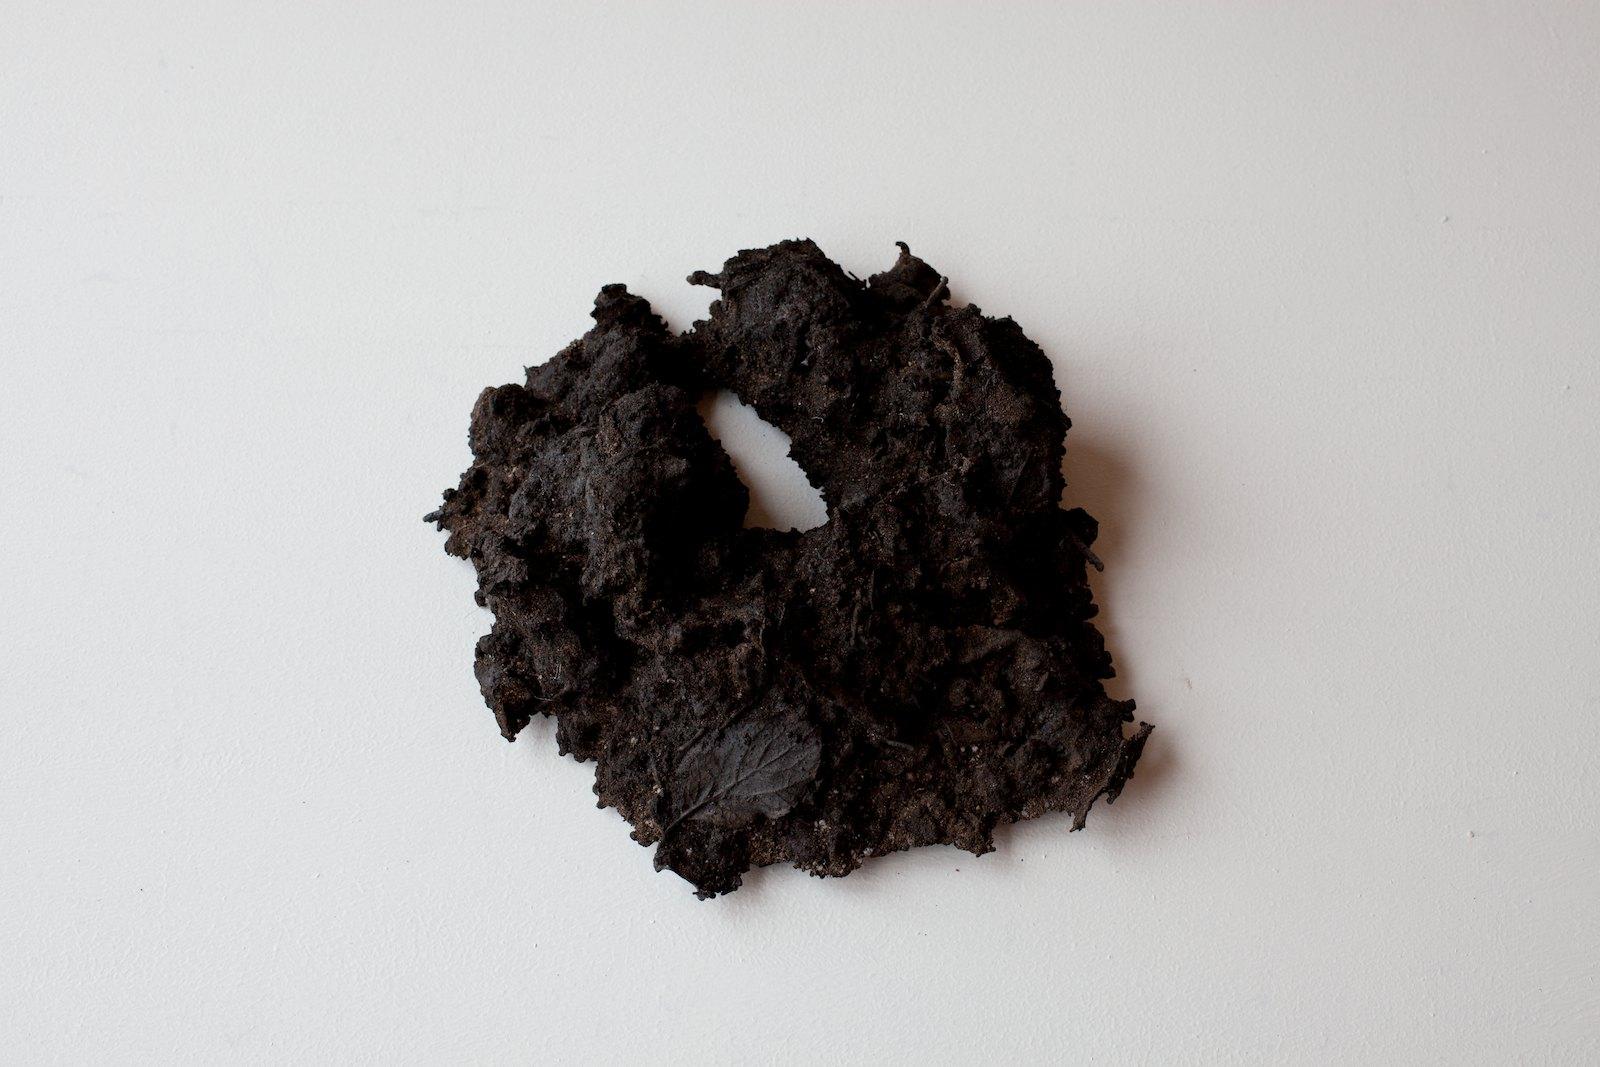 Sorkhög (Molehill) #11, 2011, 8,5 x 26,5 x 28 cm, bronze, unique